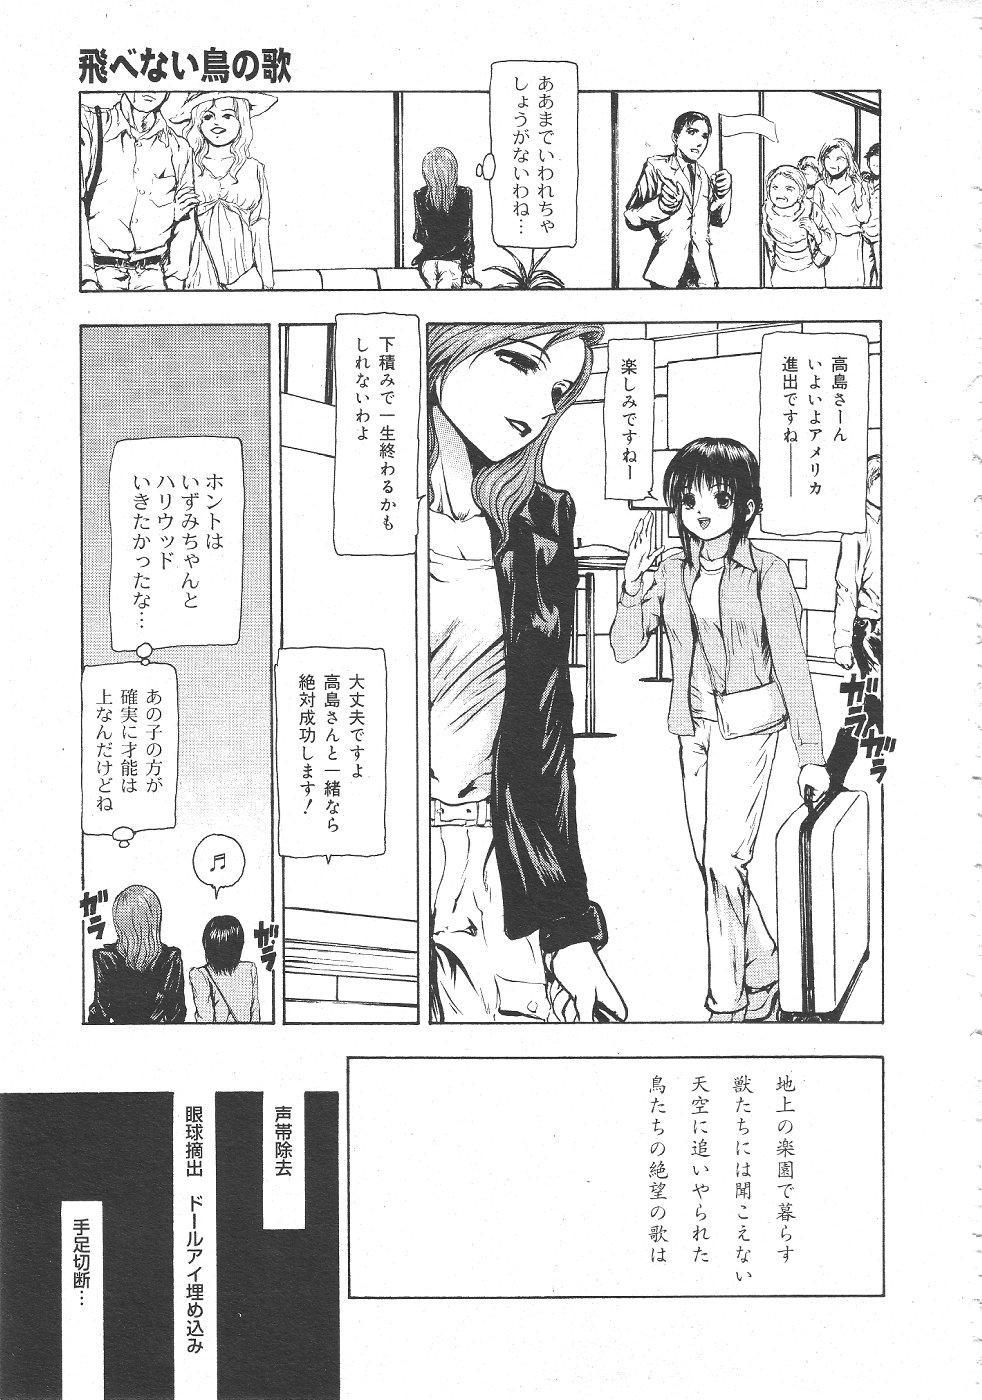 Gekkan Comic Muga 2004-06 Vol.10 168